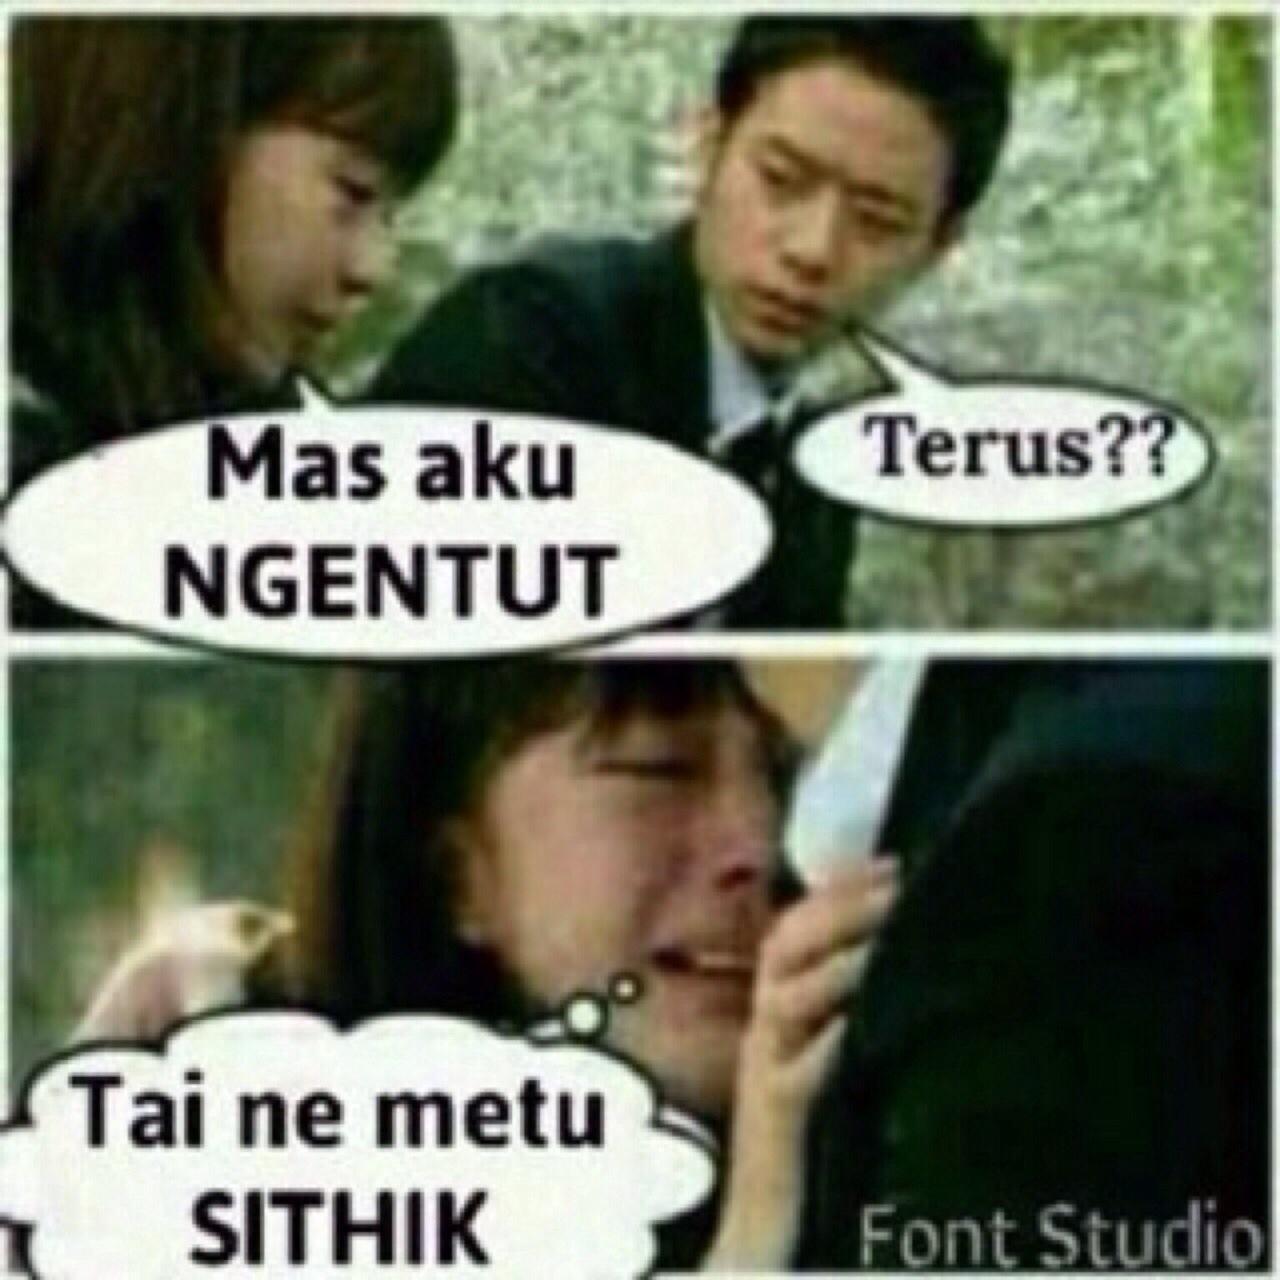 Kumpulan Meme Lucu Bahasa Sunda  Kumpulan Gambar DP BBM